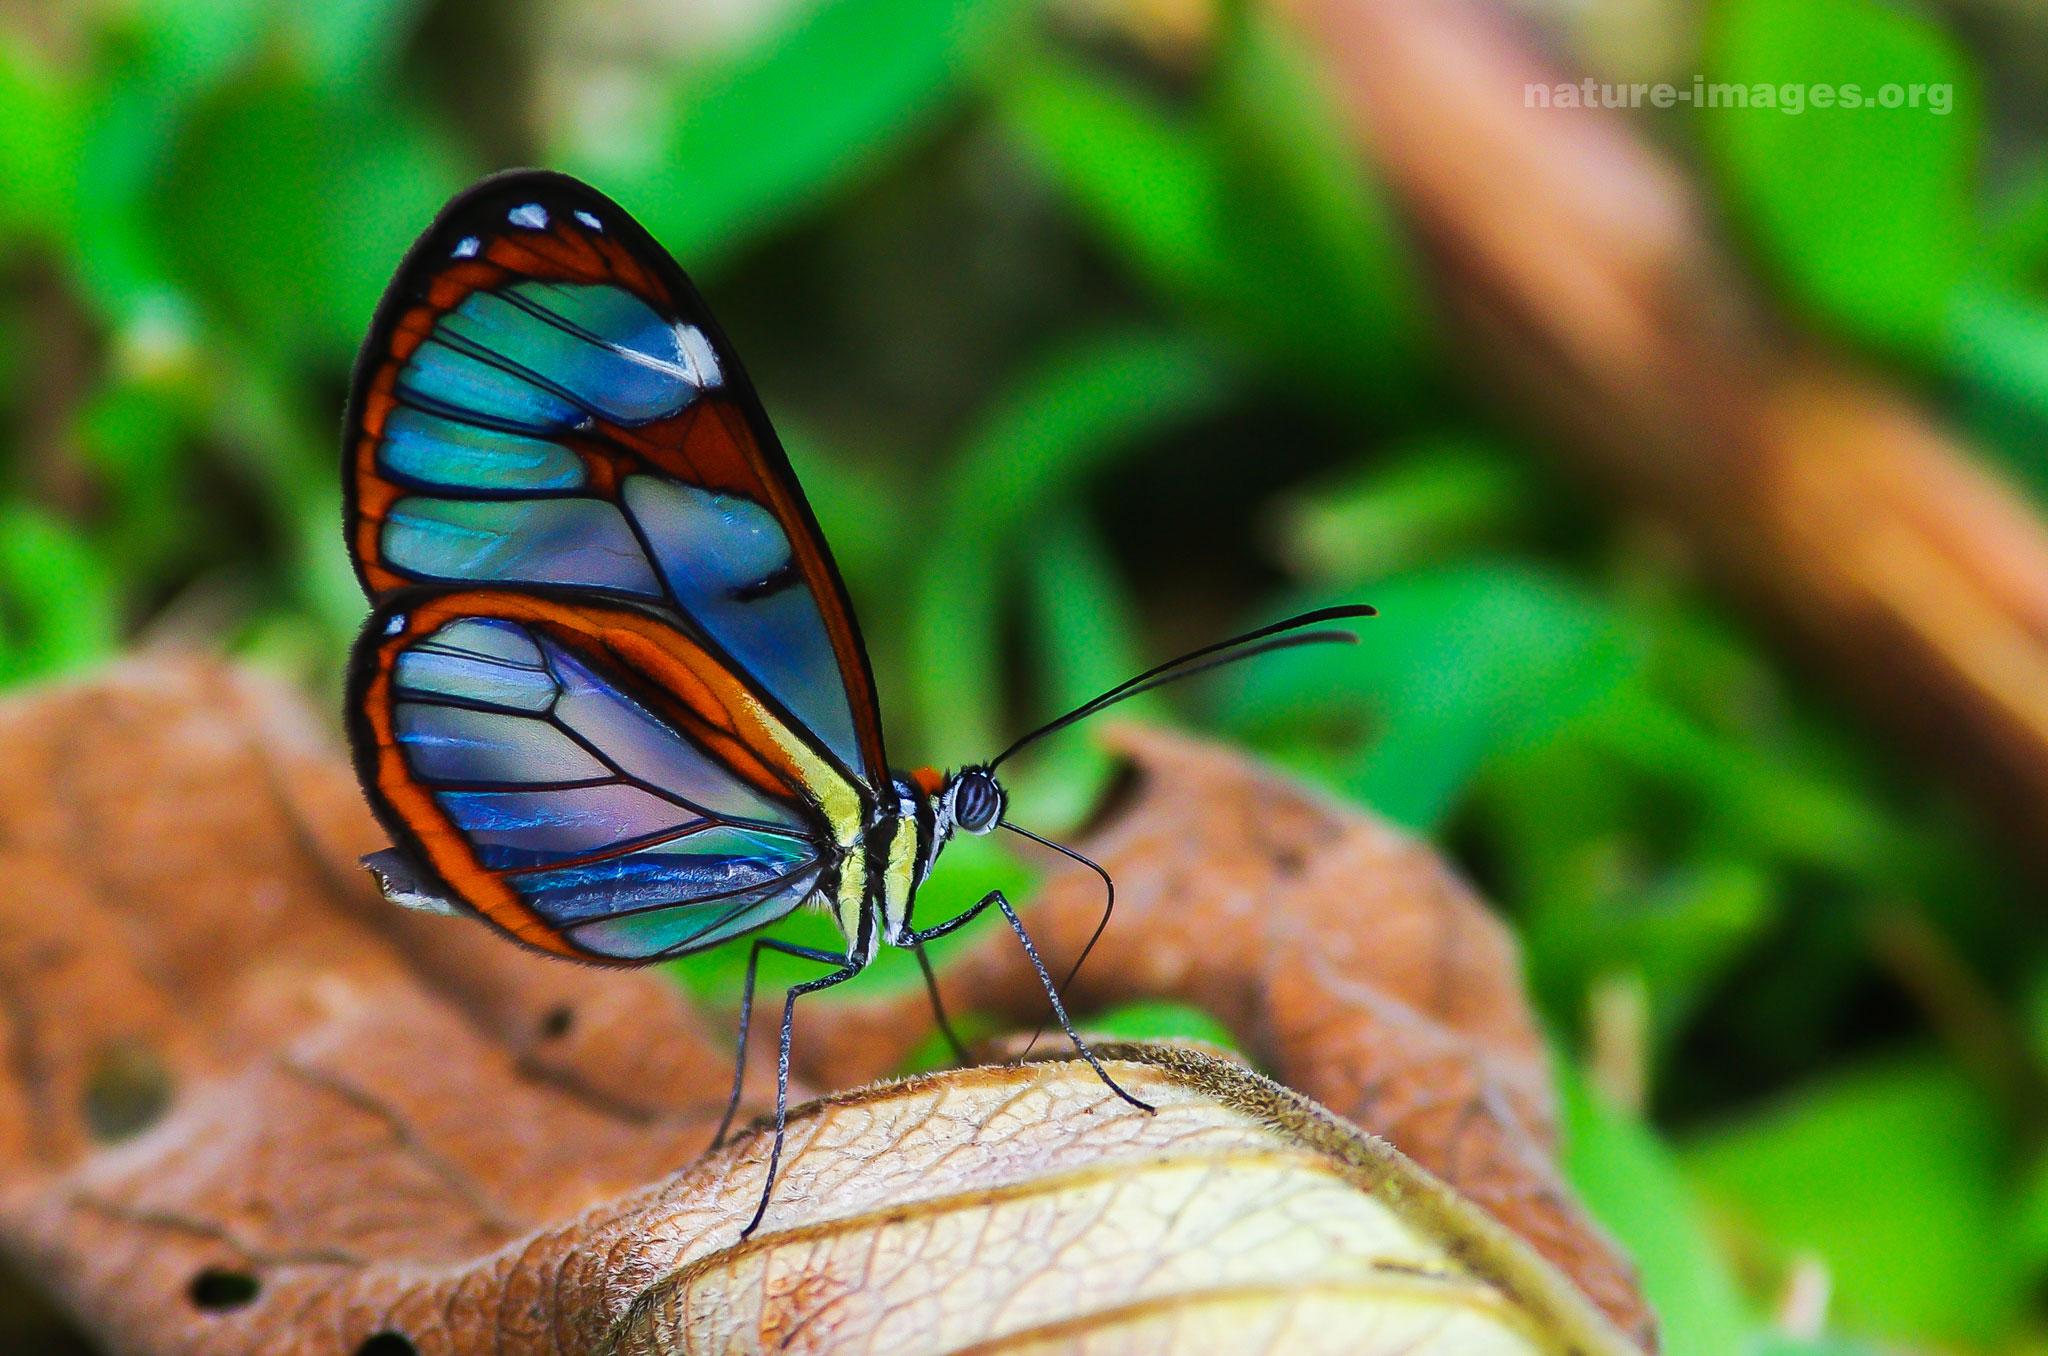 Glasswinged butterflies